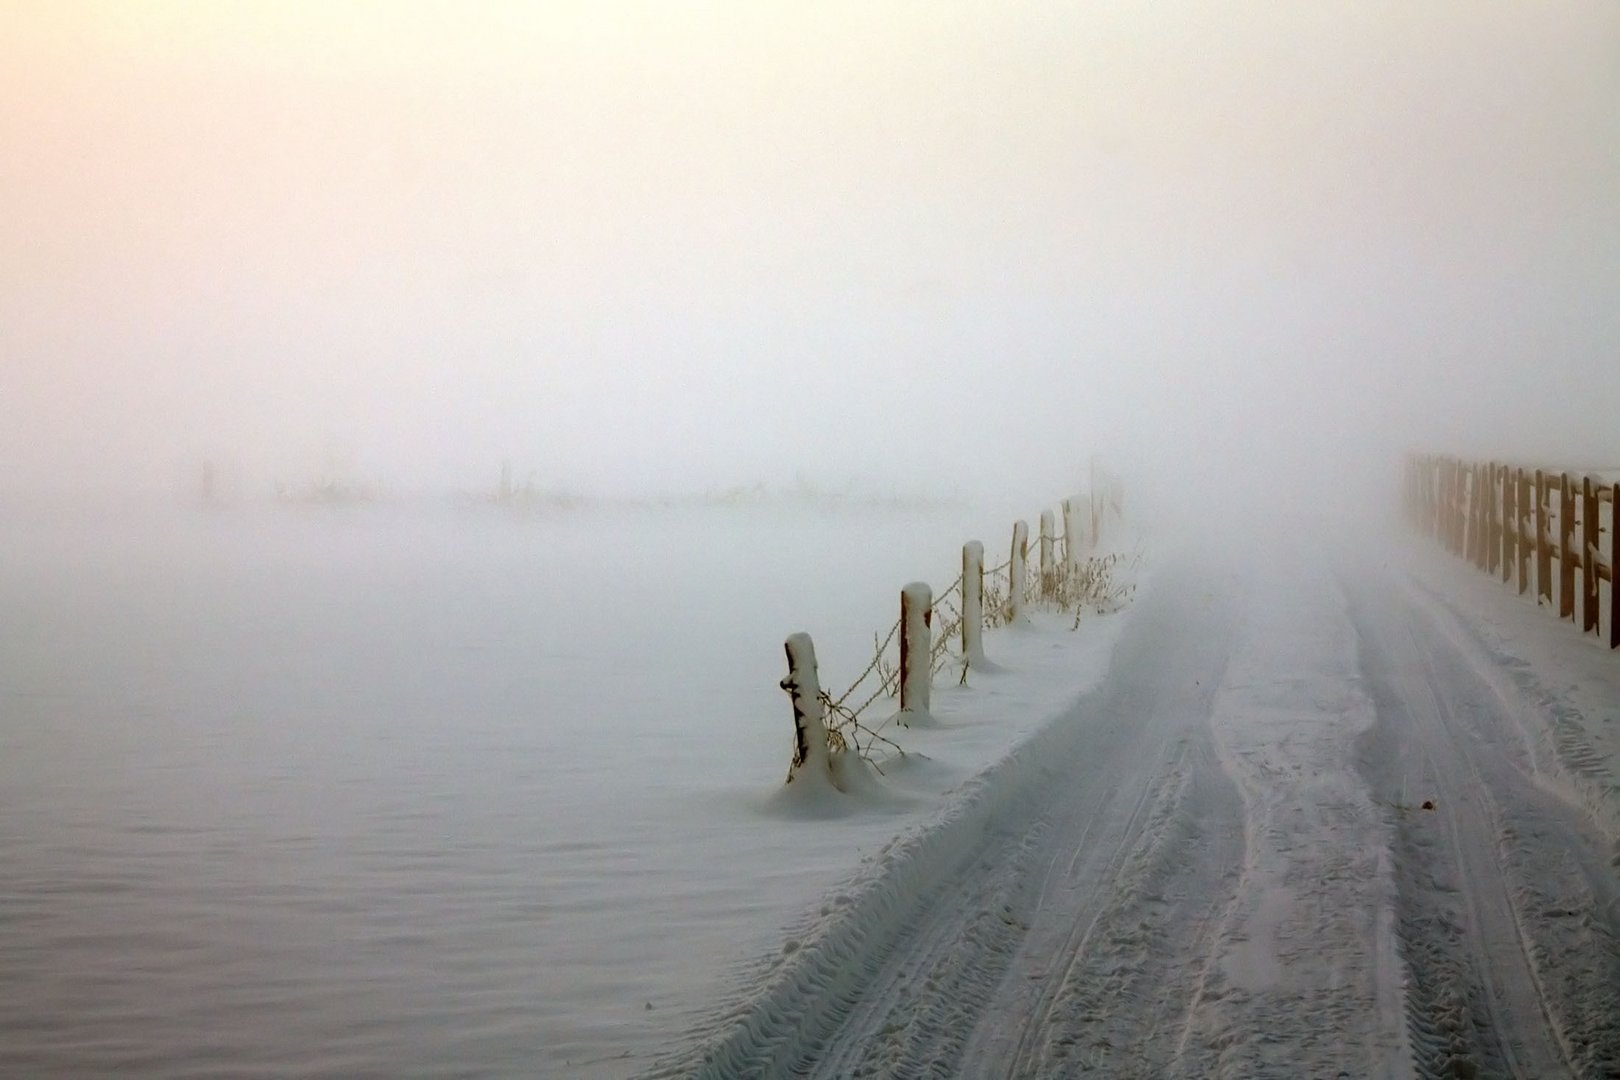 Zukunft im Nebel